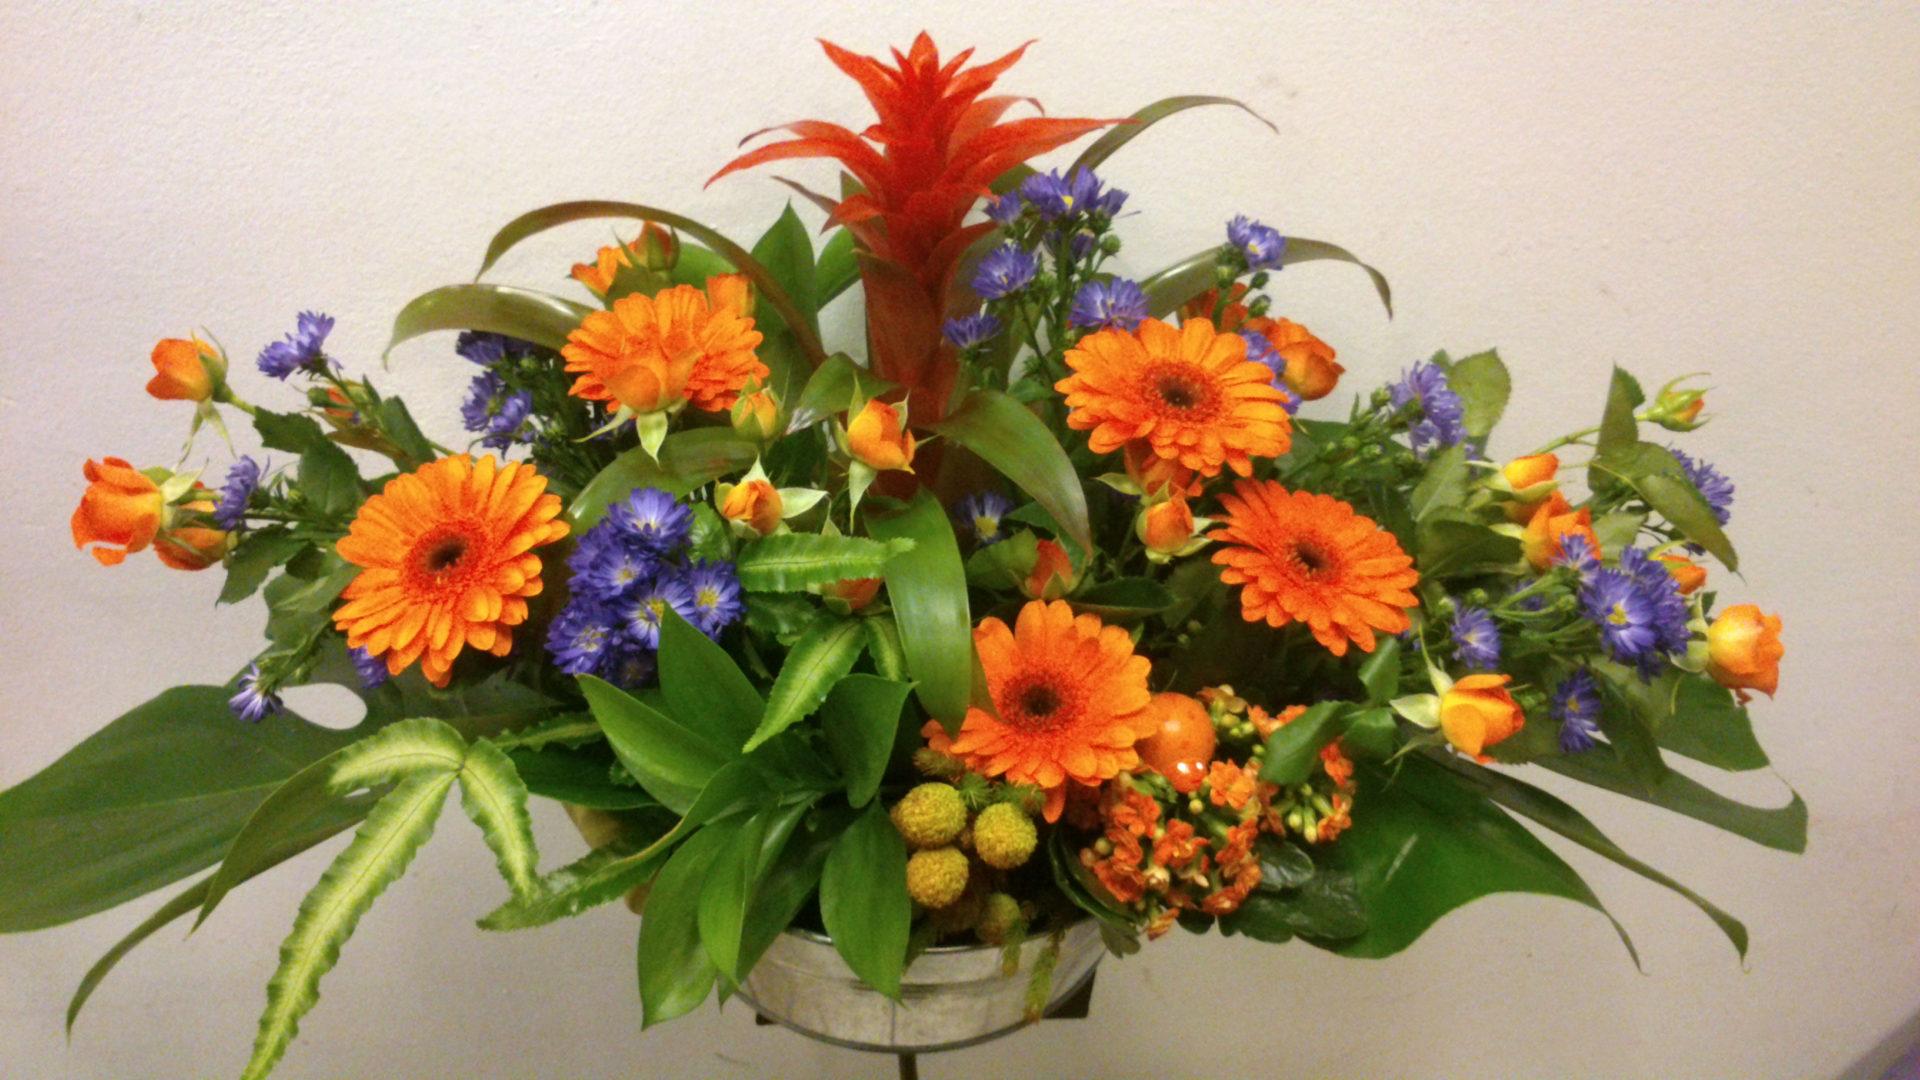 Centros florister a krabelin - Centro de mesas flores ...